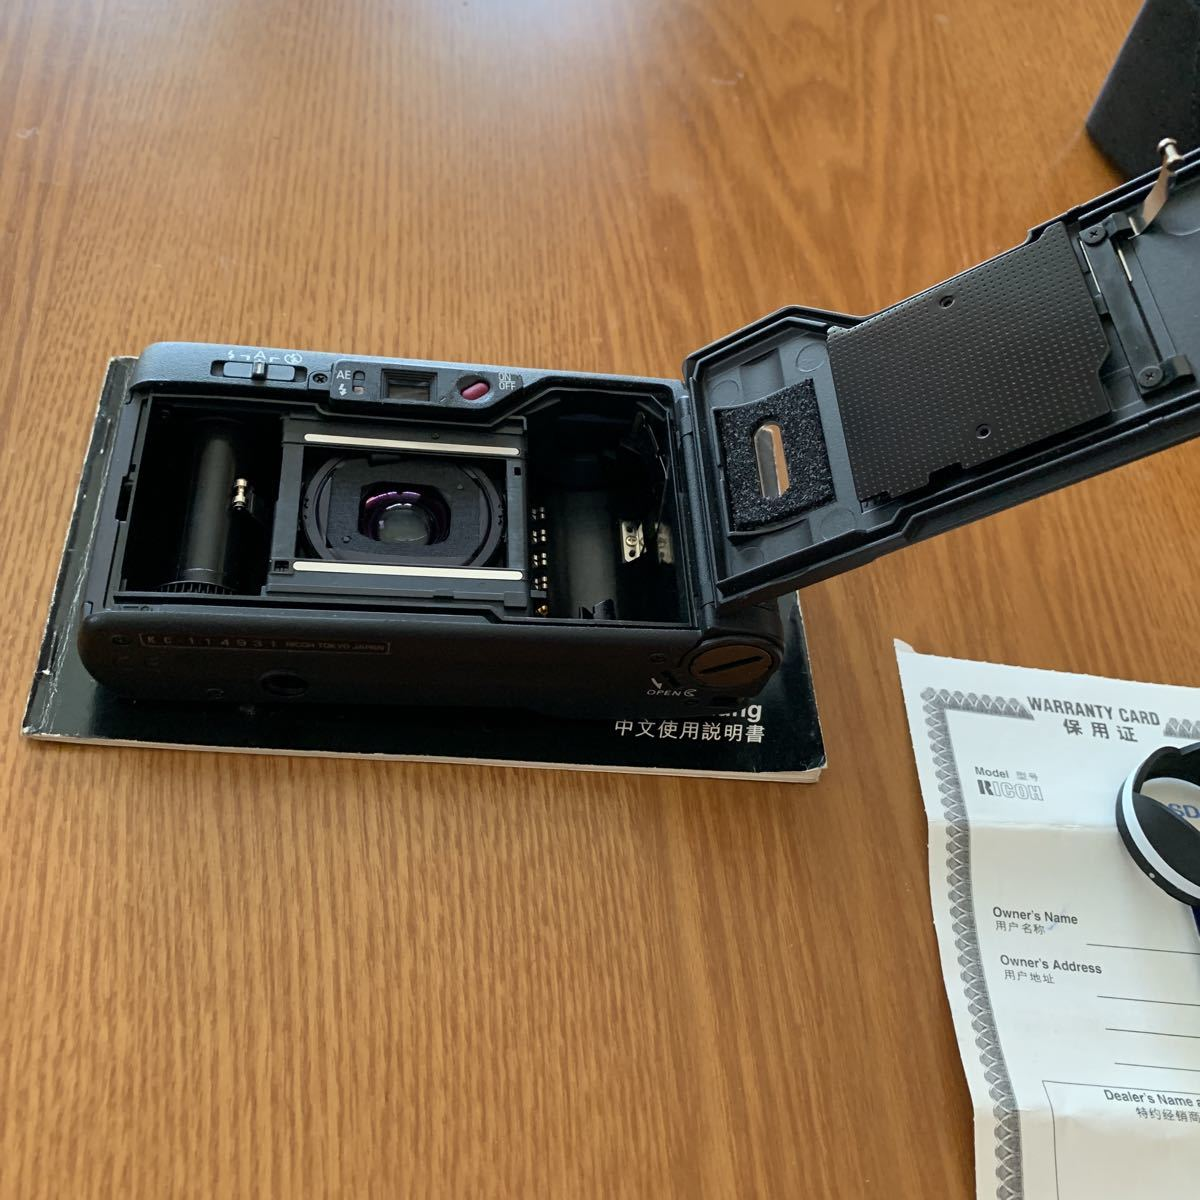 リコー Ricoh フィルム コンパクトカメラ GR1s 中古美品_画像9